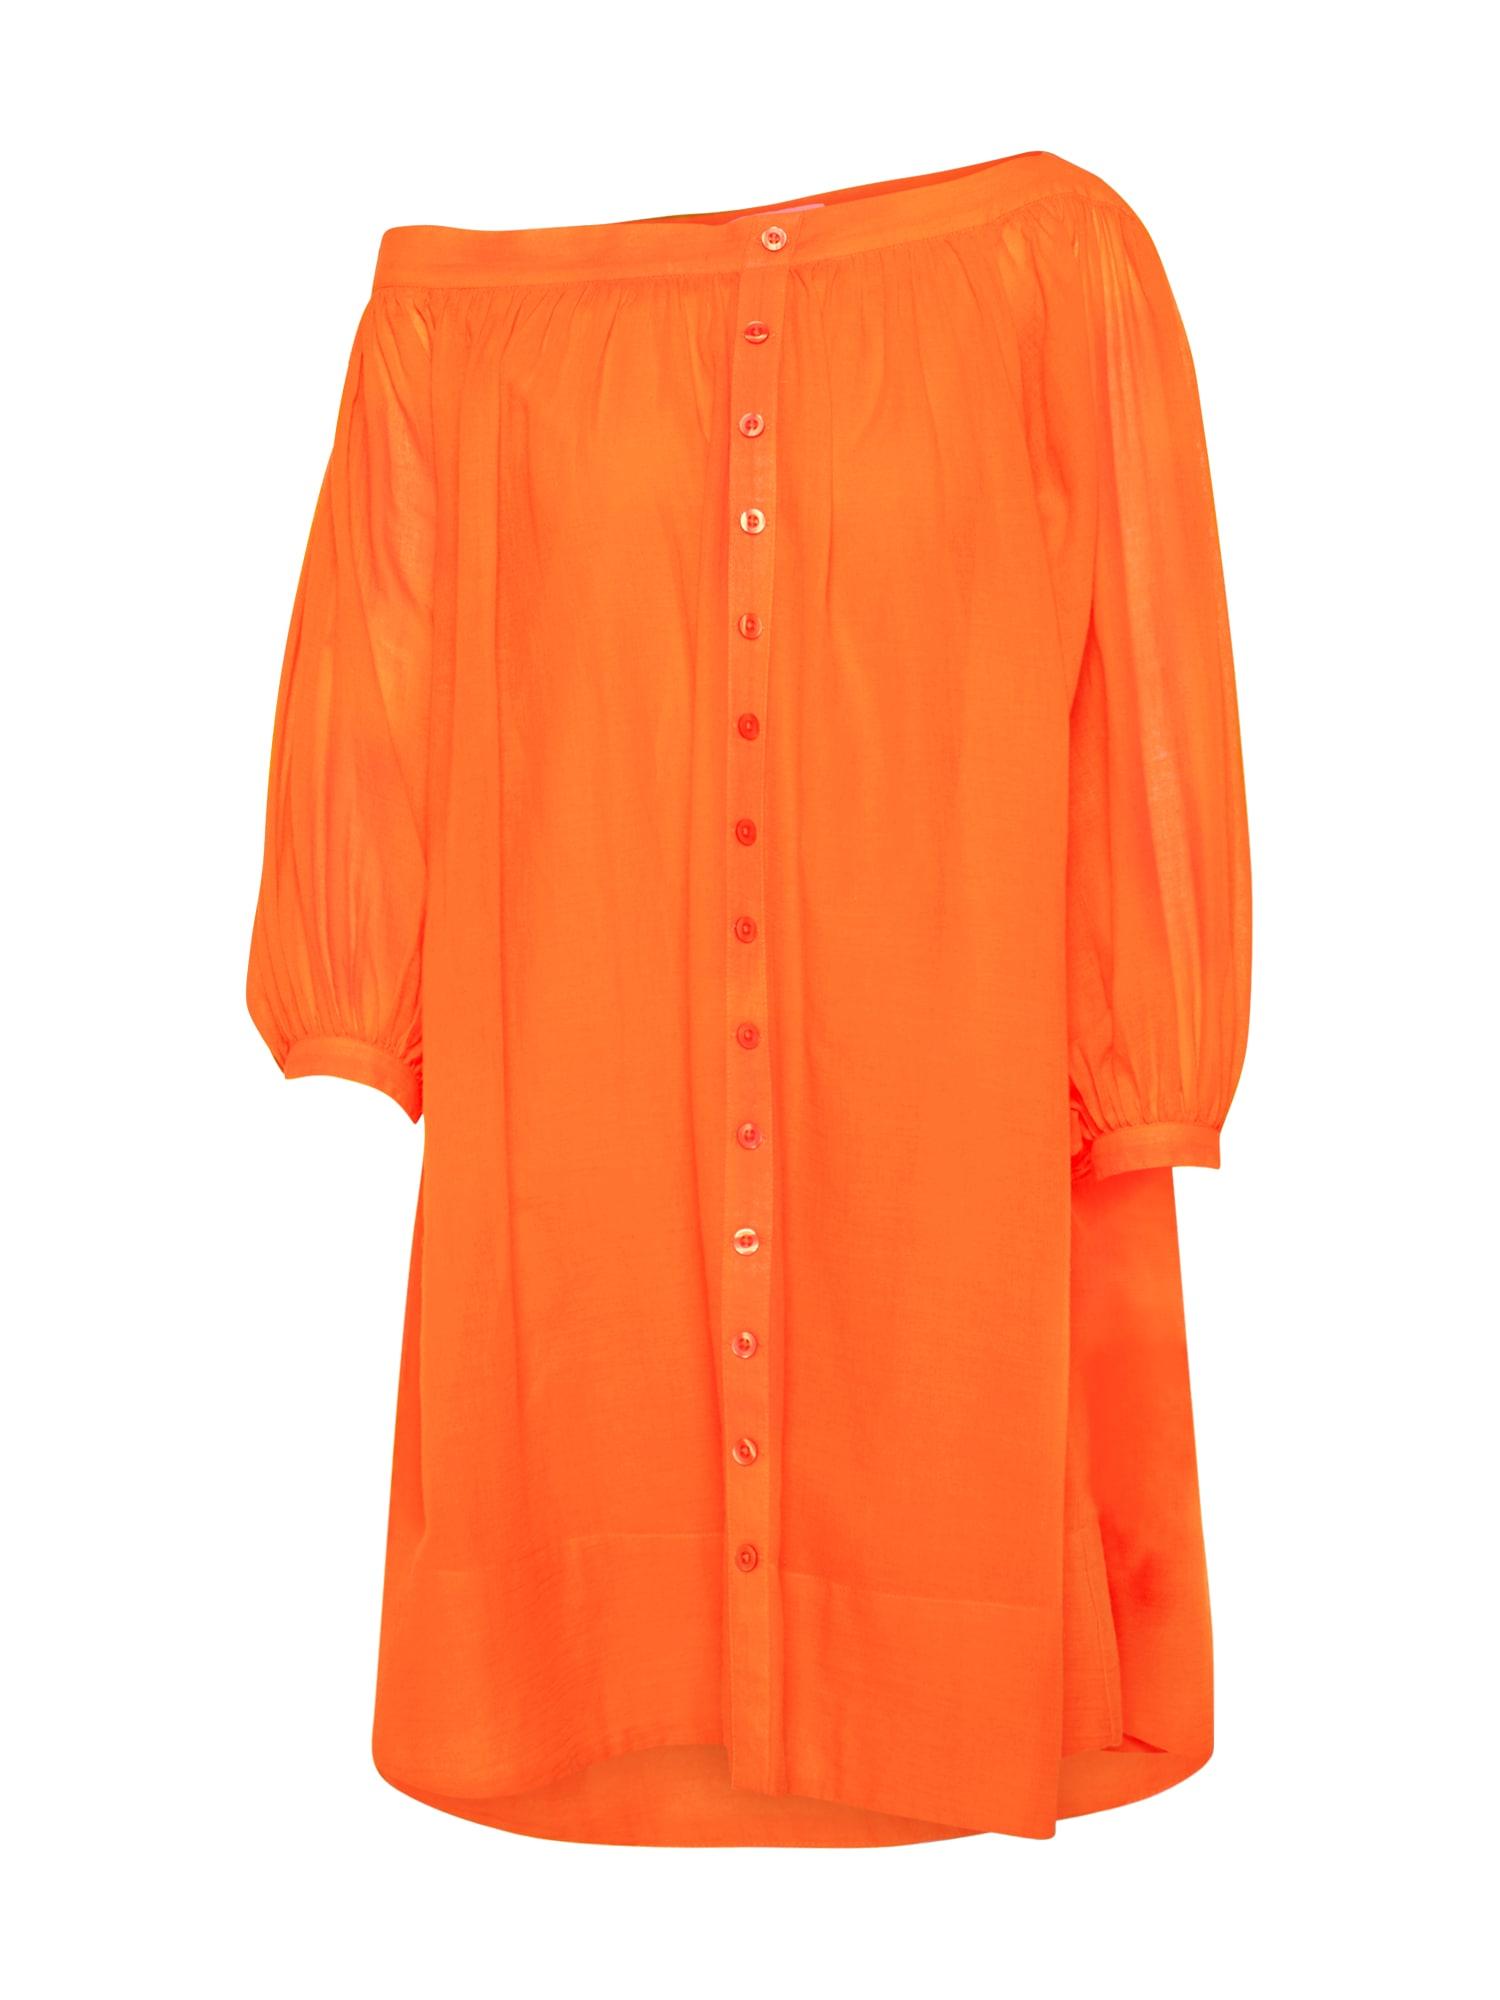 Letní šaty Neele oranžová EDITED